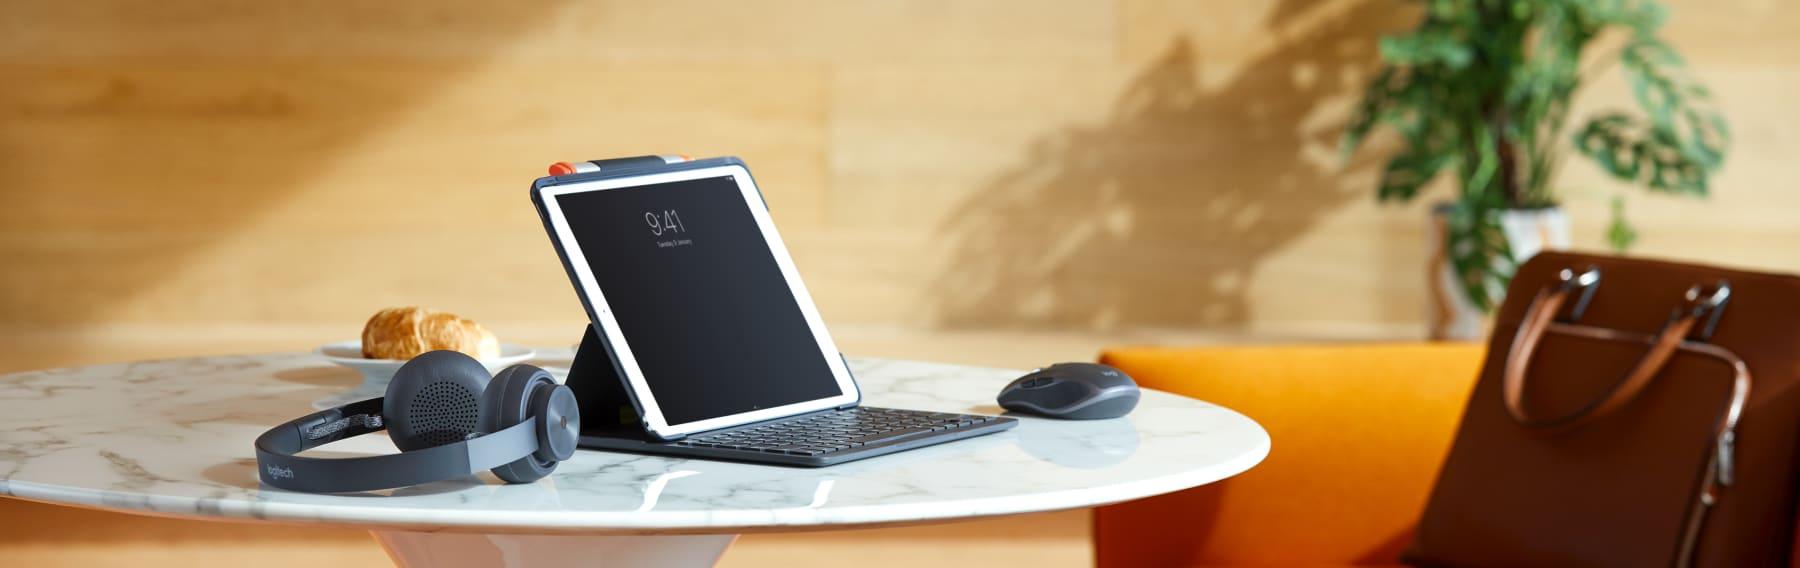 iPad-Einrichtung mit Logitech-Zubehör